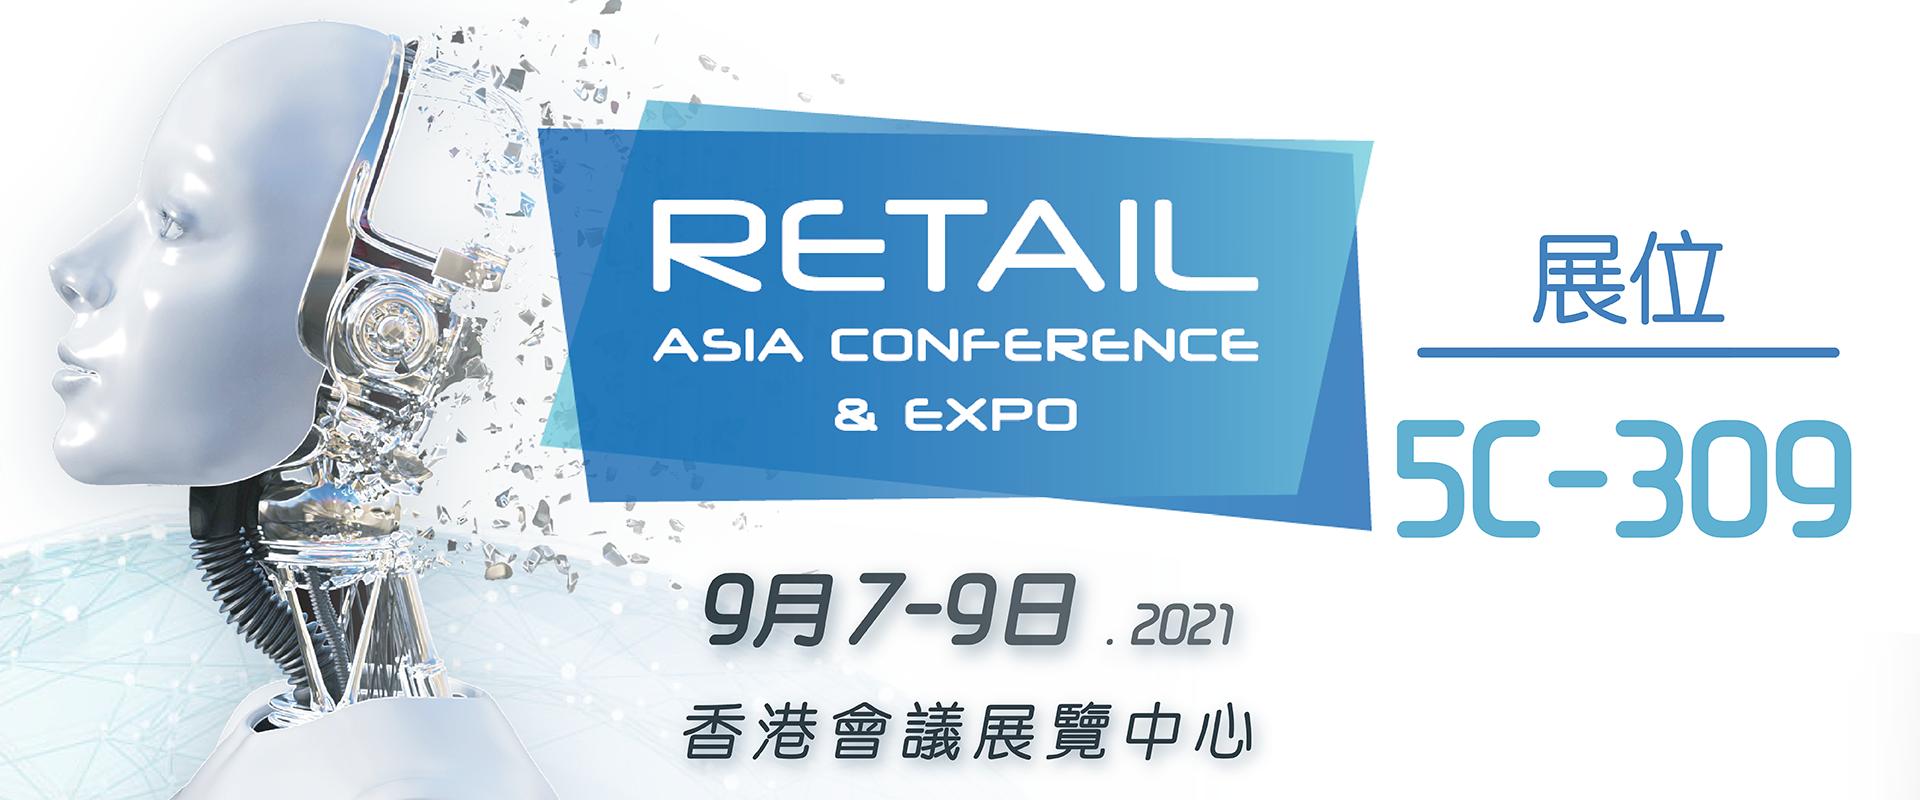 亞洲零售論壇暨博覽會